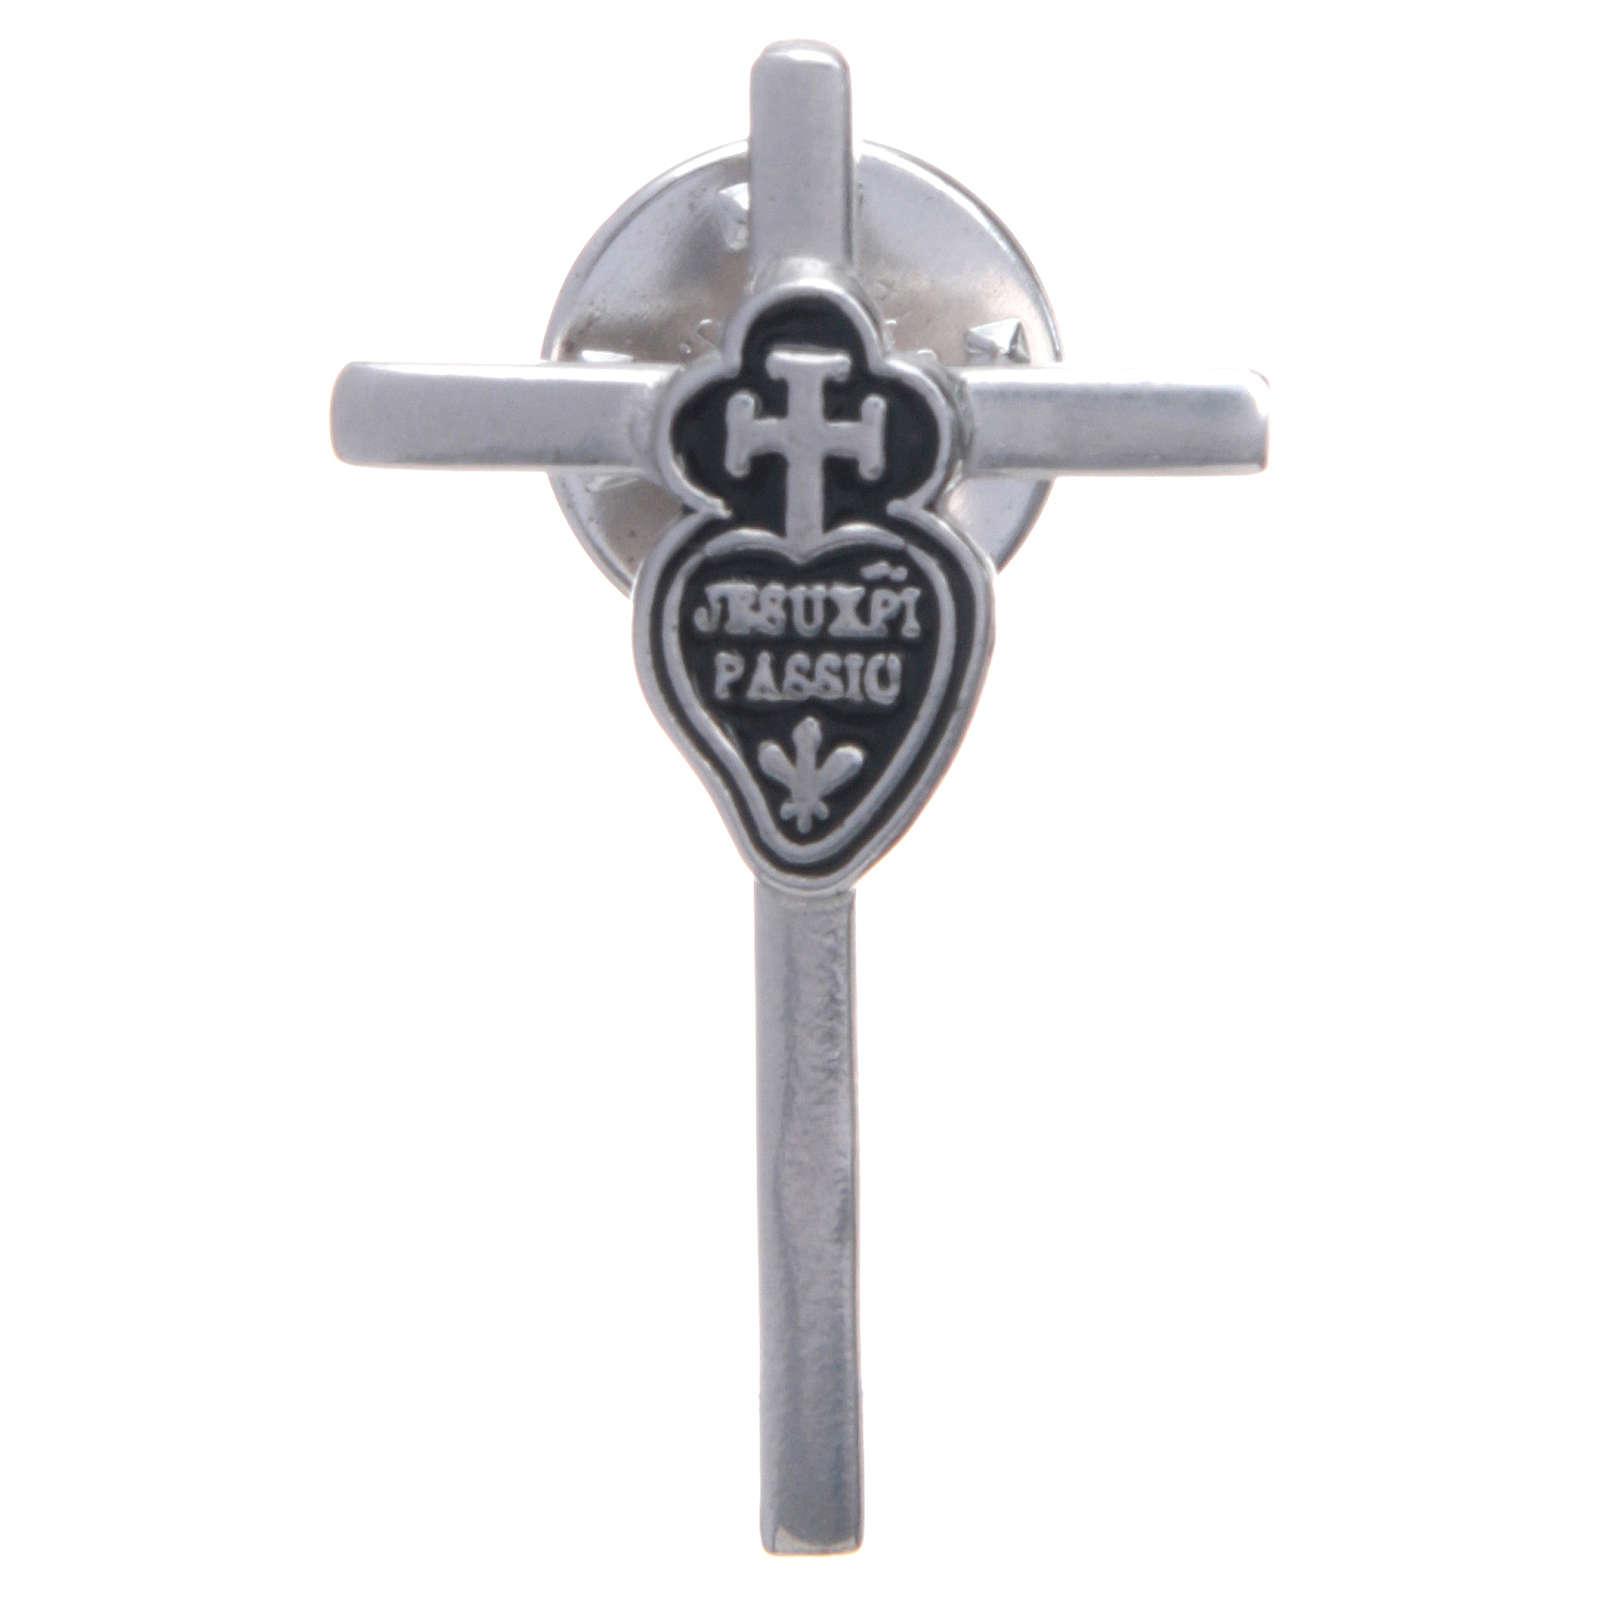 Broche cruz insígnia passionista prata 925 4